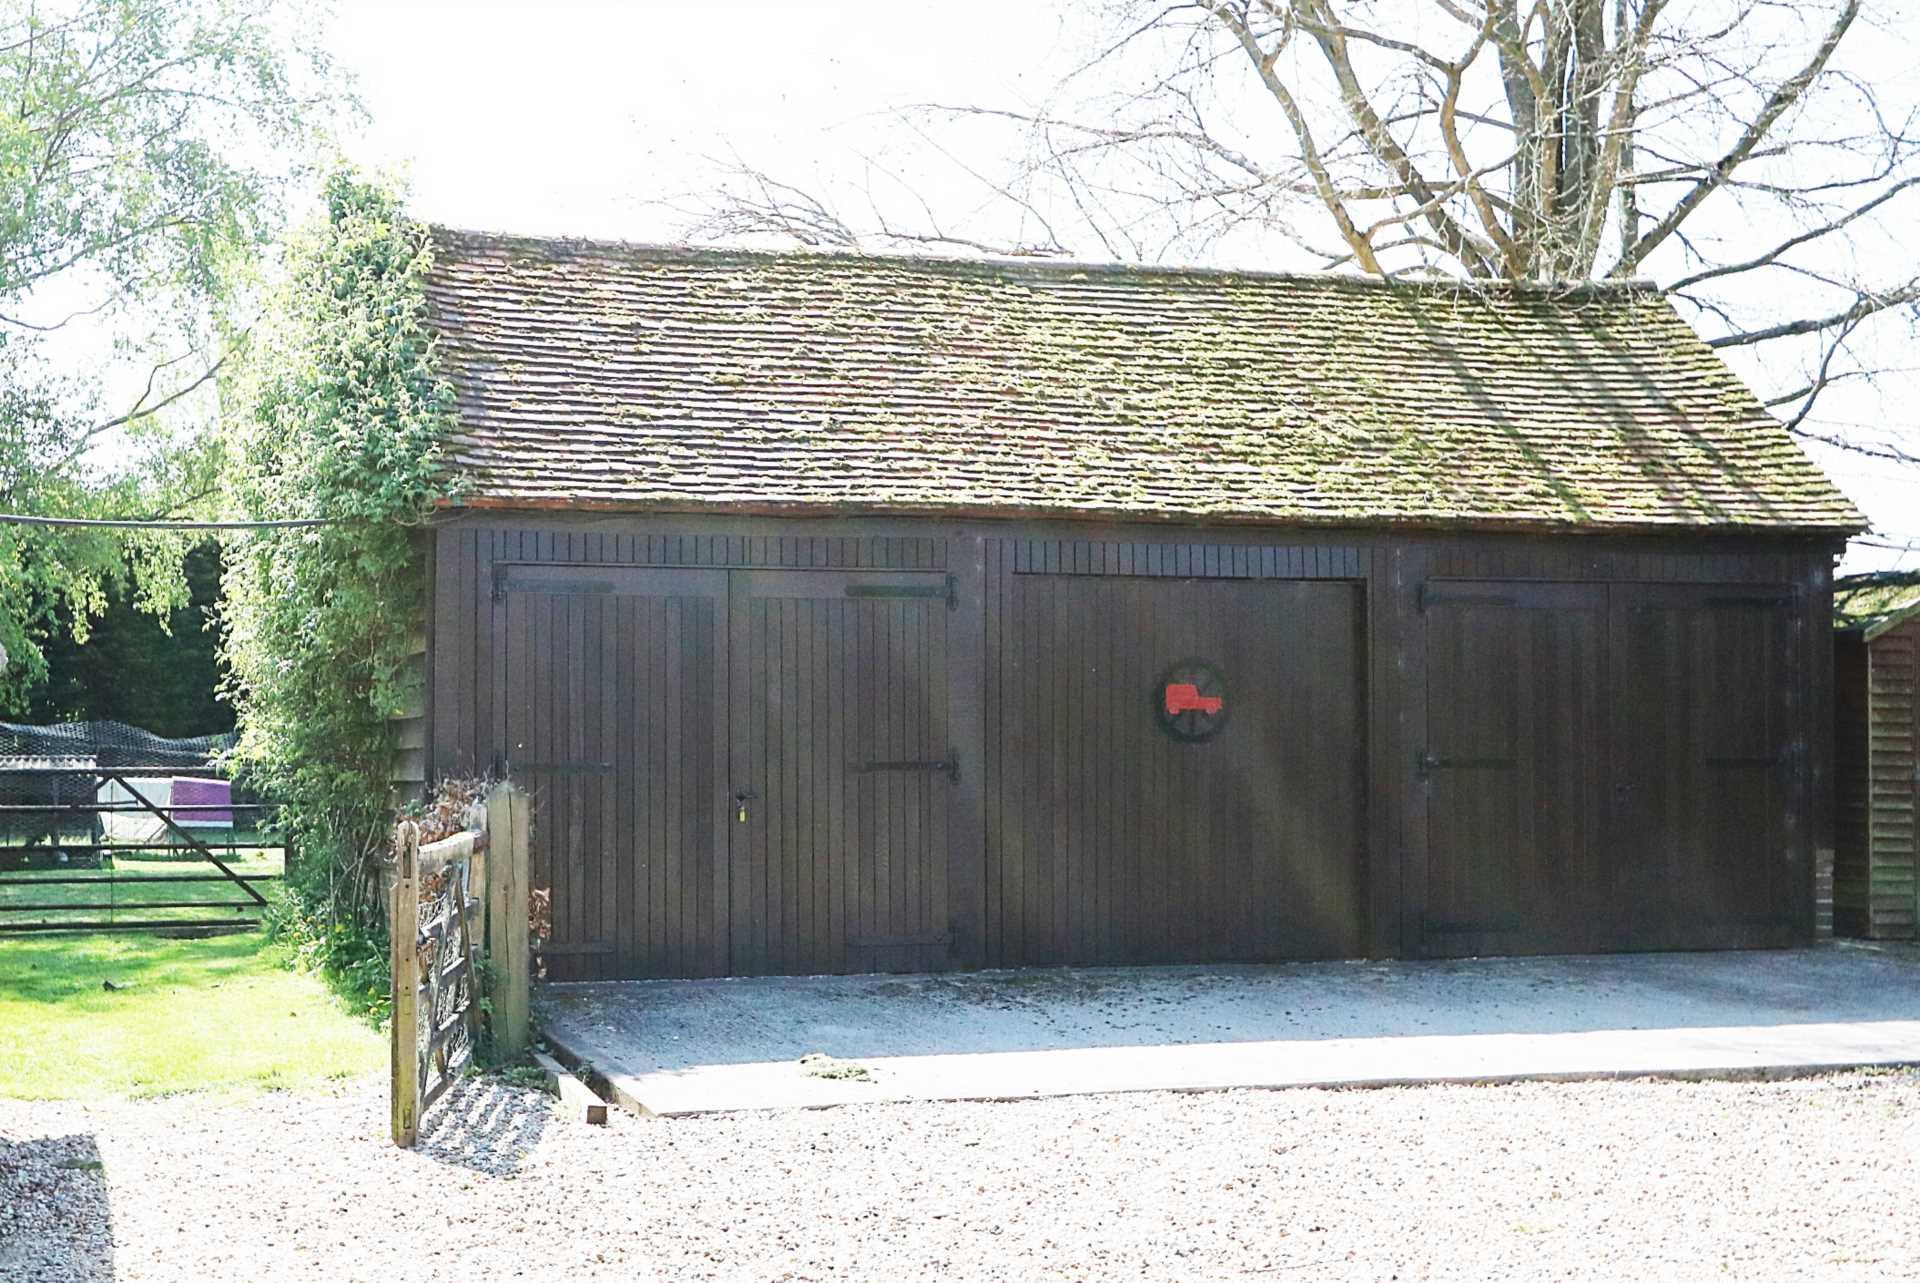 Blandys Lane, Upper Basildon, Berkshire, Image 16